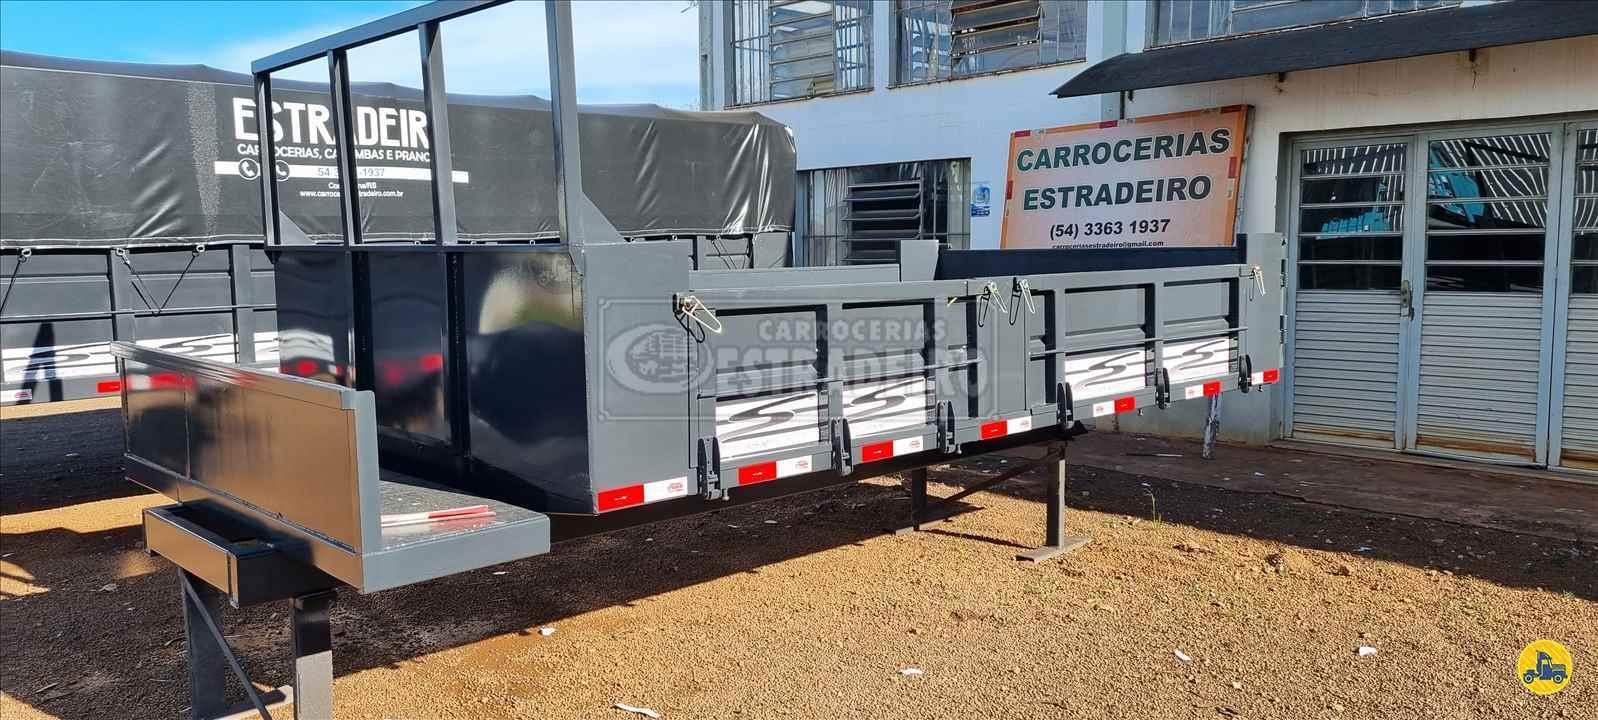 CARROCERIA SOBRE CHASSI  CAMINHAO 3/4 BASCULANTE Carrocerias Estradeiro CONSTANTINA RIO GRANDE DO SUL RS